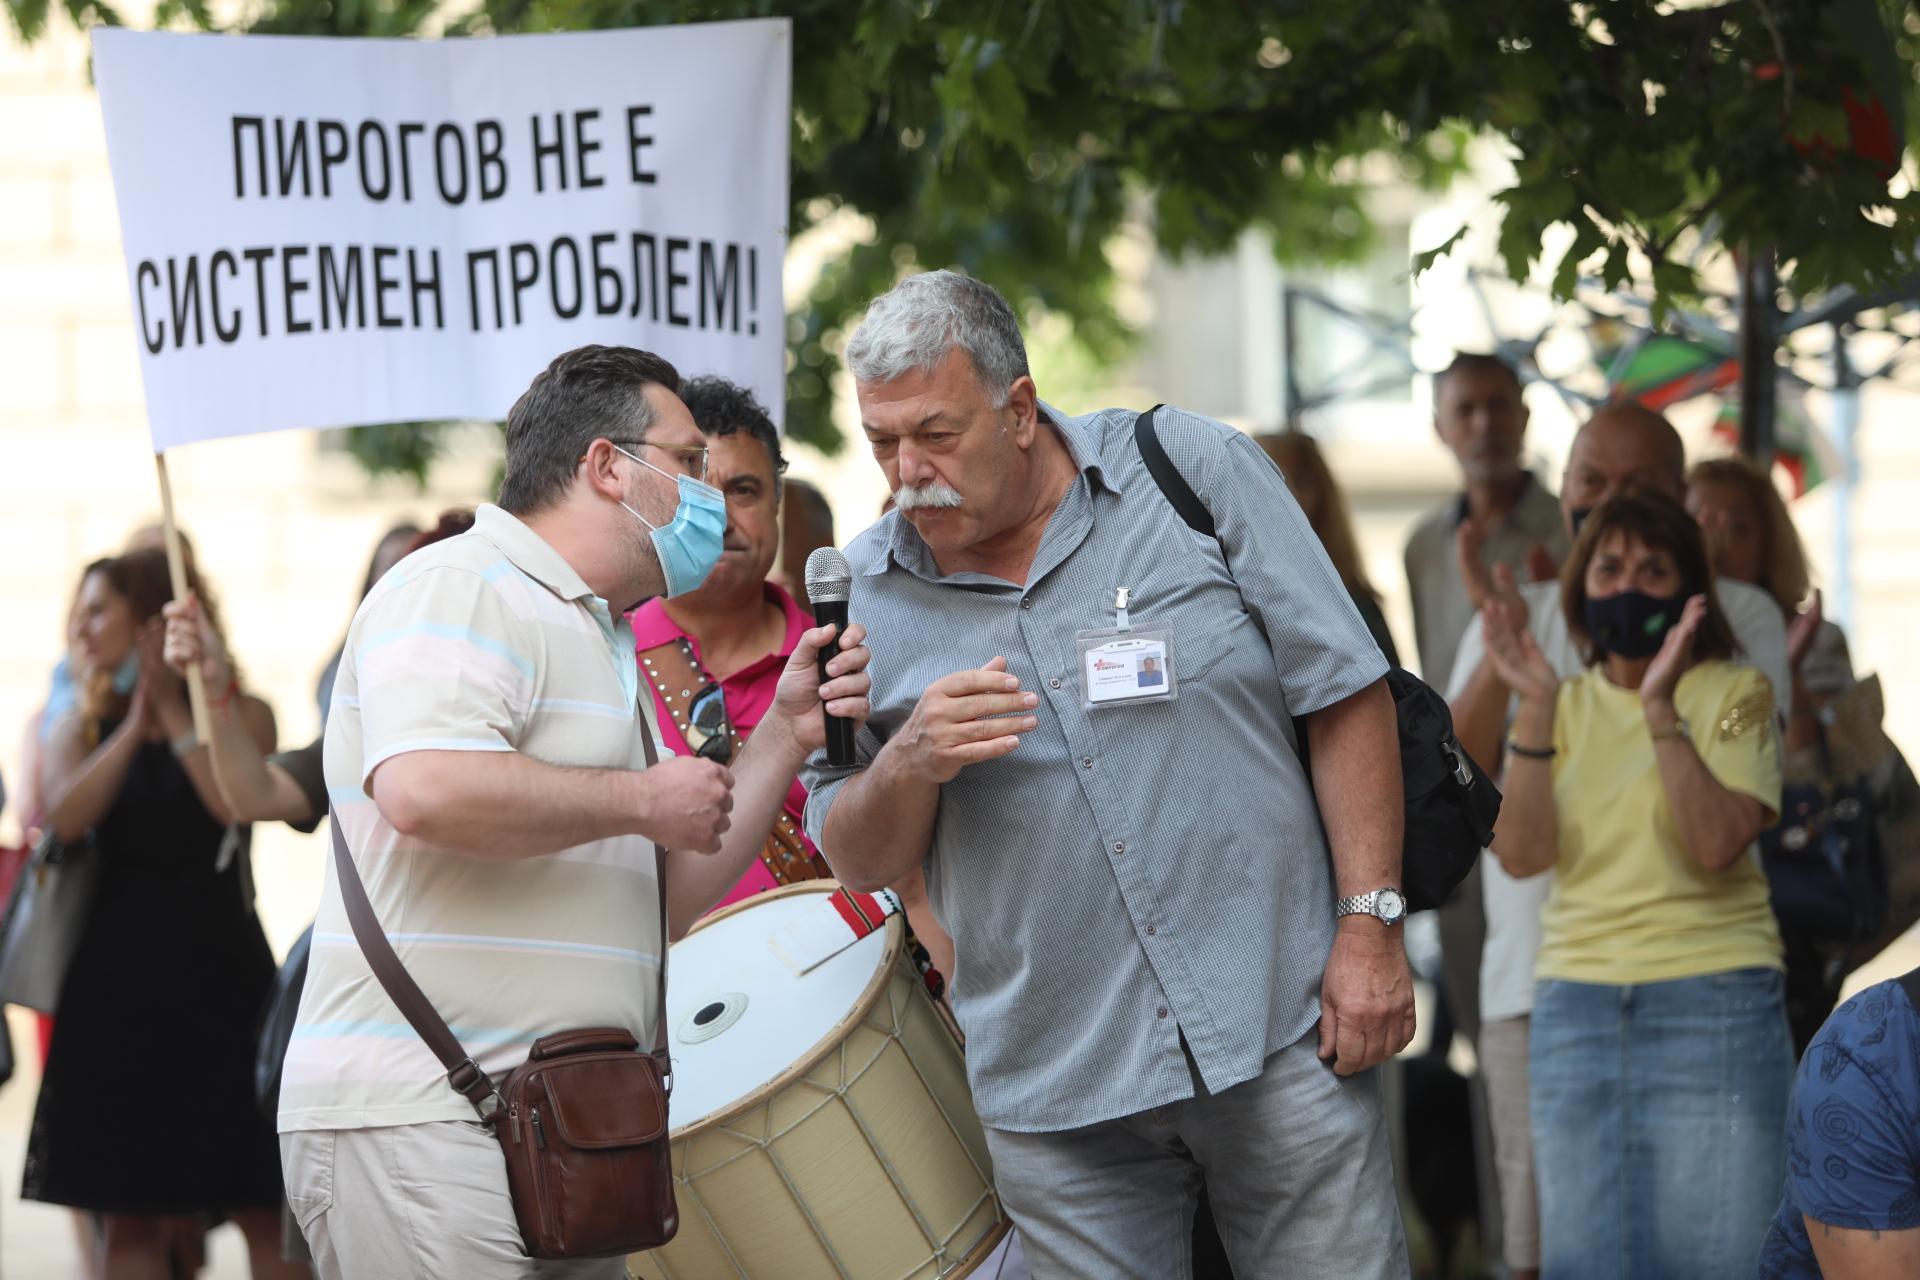 <p>Тази вечер лекари от &quot;Пирогов&quot; отново излязоха на протест. Медиците се събраха пред Президентството малко след 18.00 ч.</p>